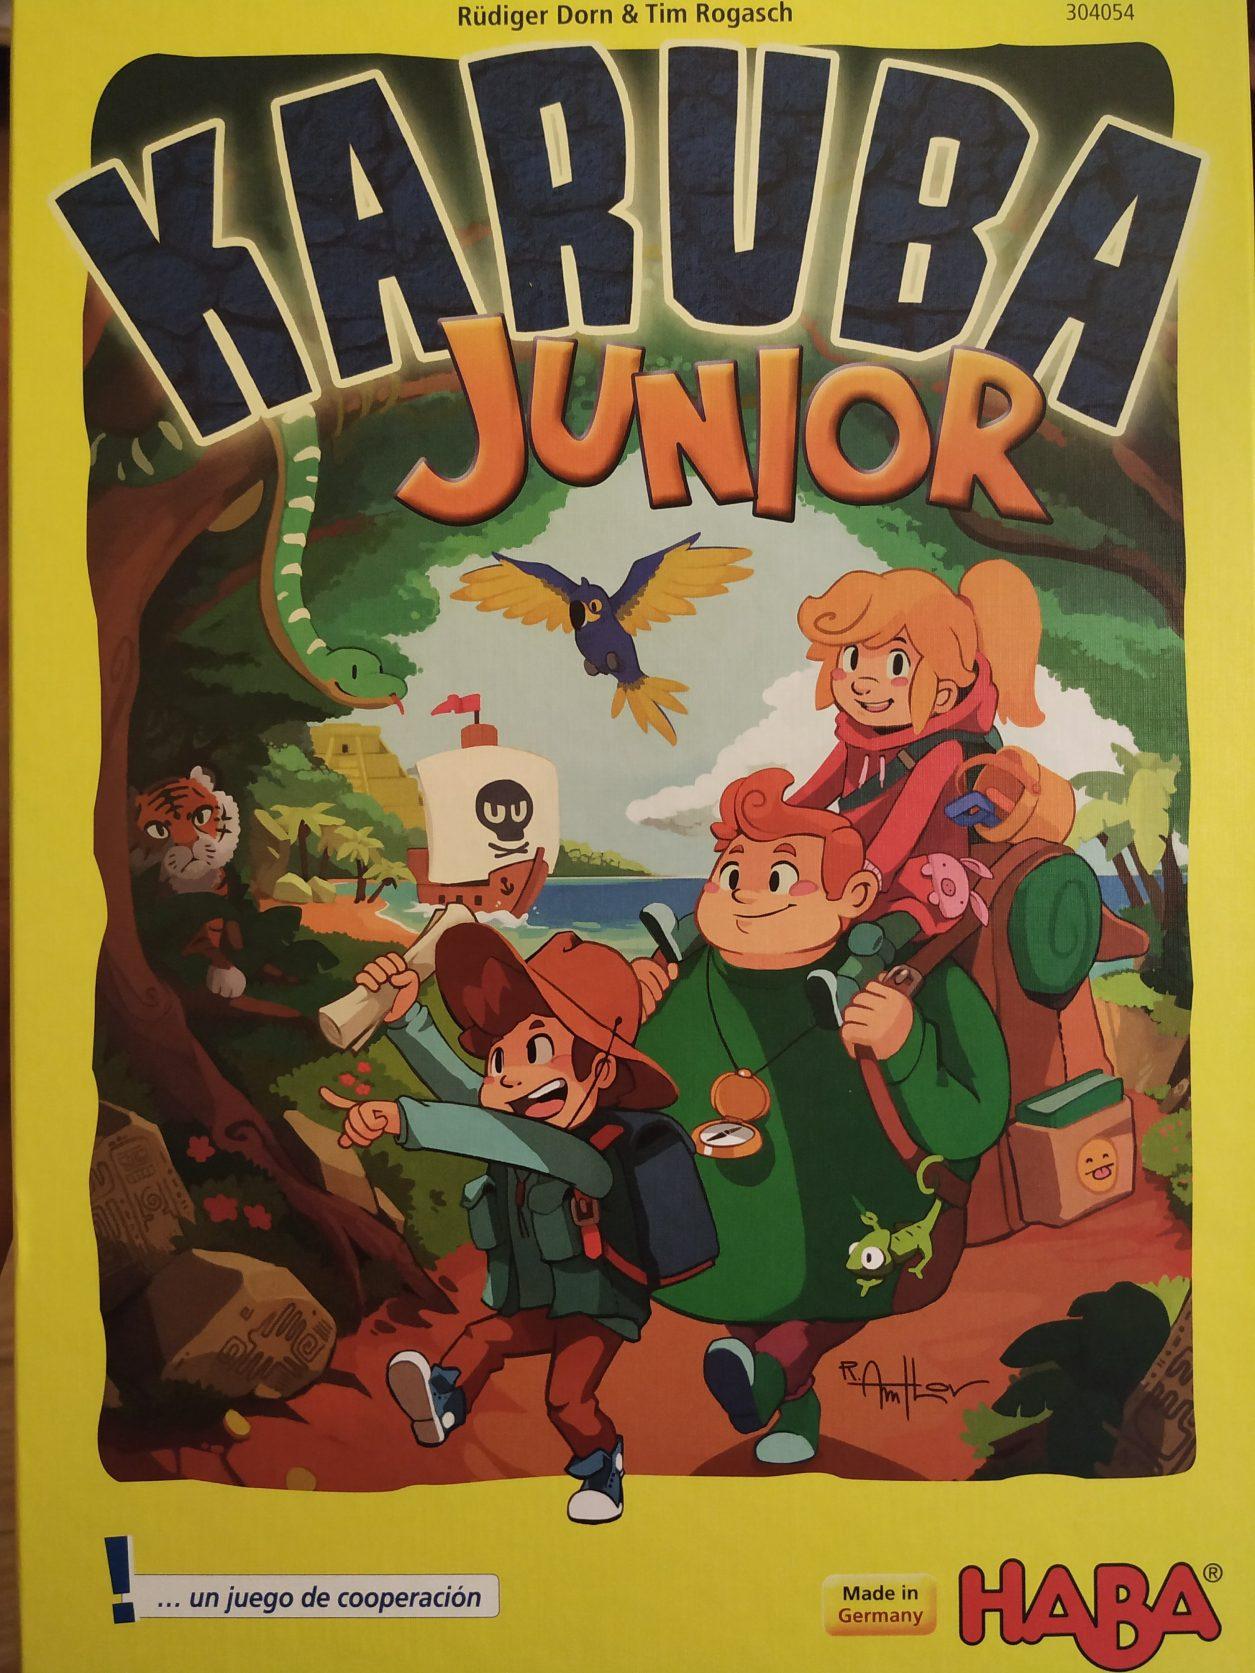 Madres Desterradas Libro Karuba Junior